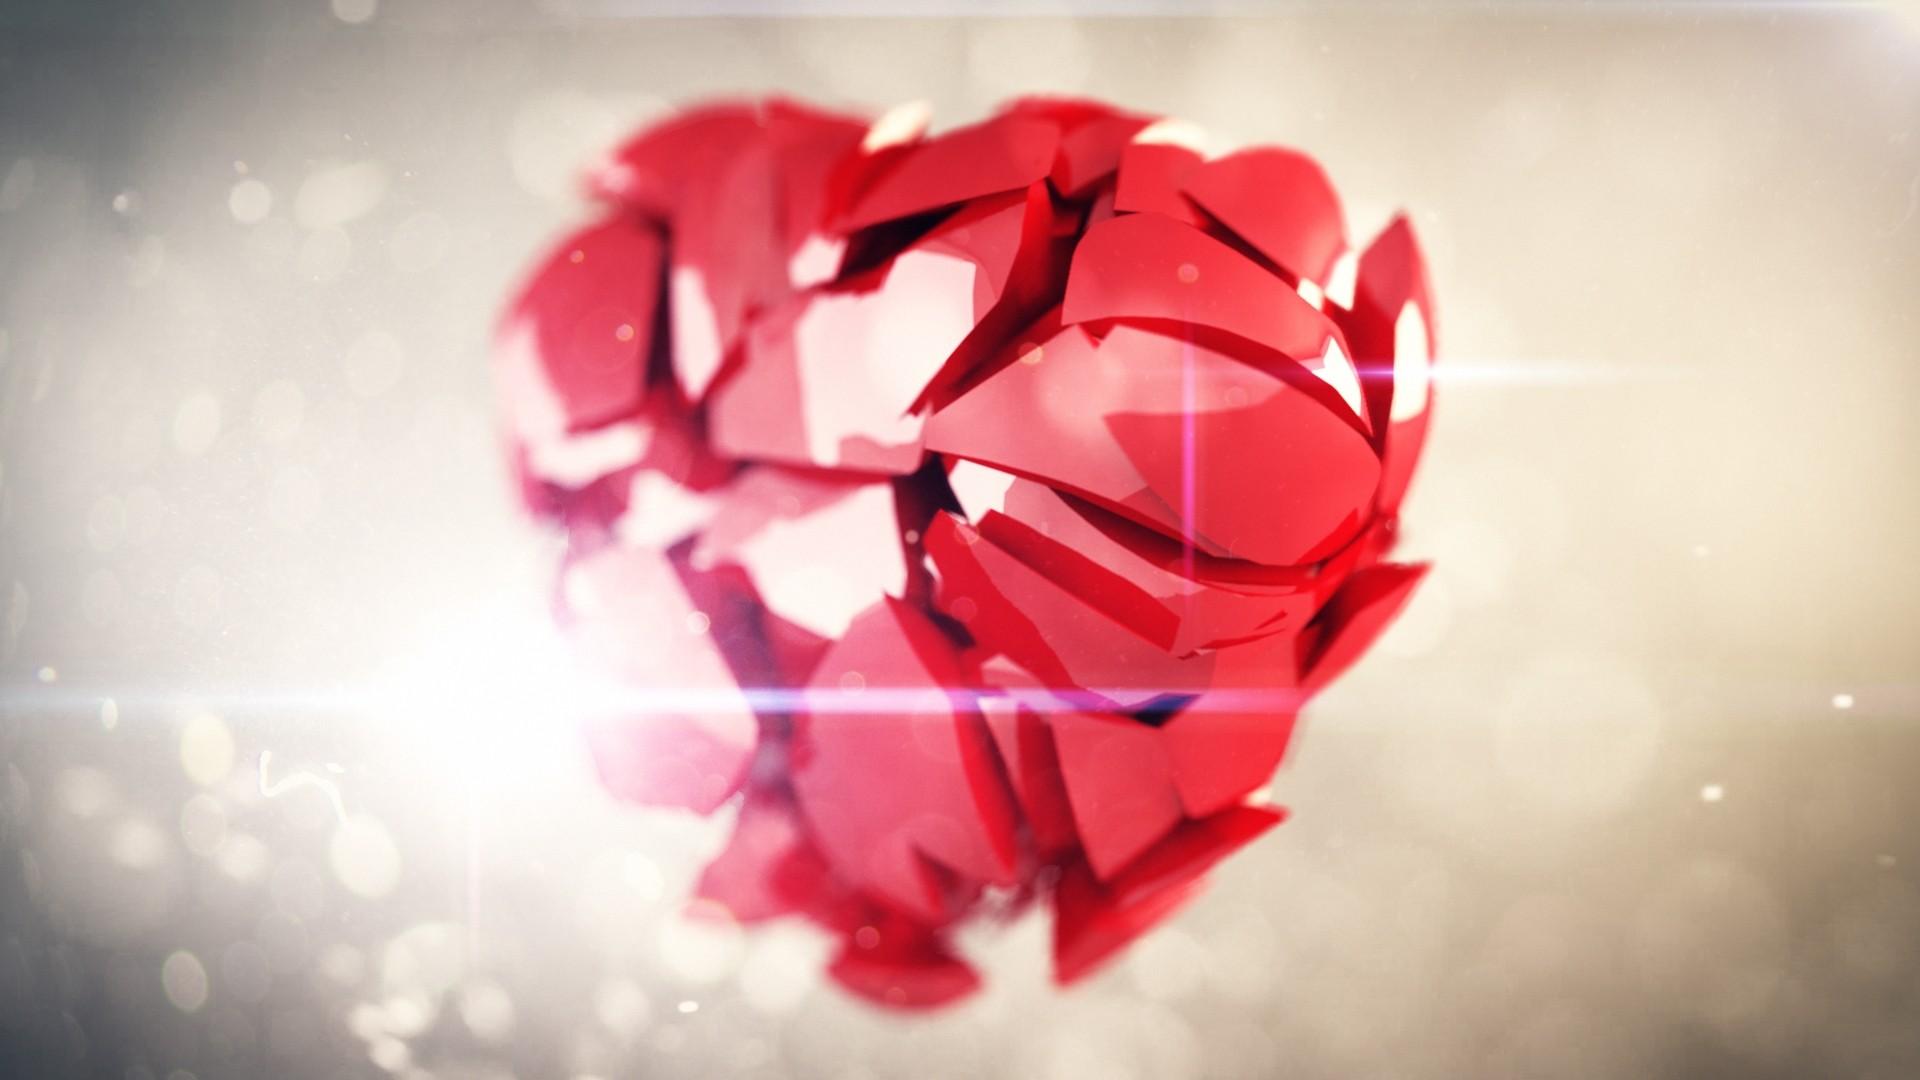 Broken Heart Download Wallpaper